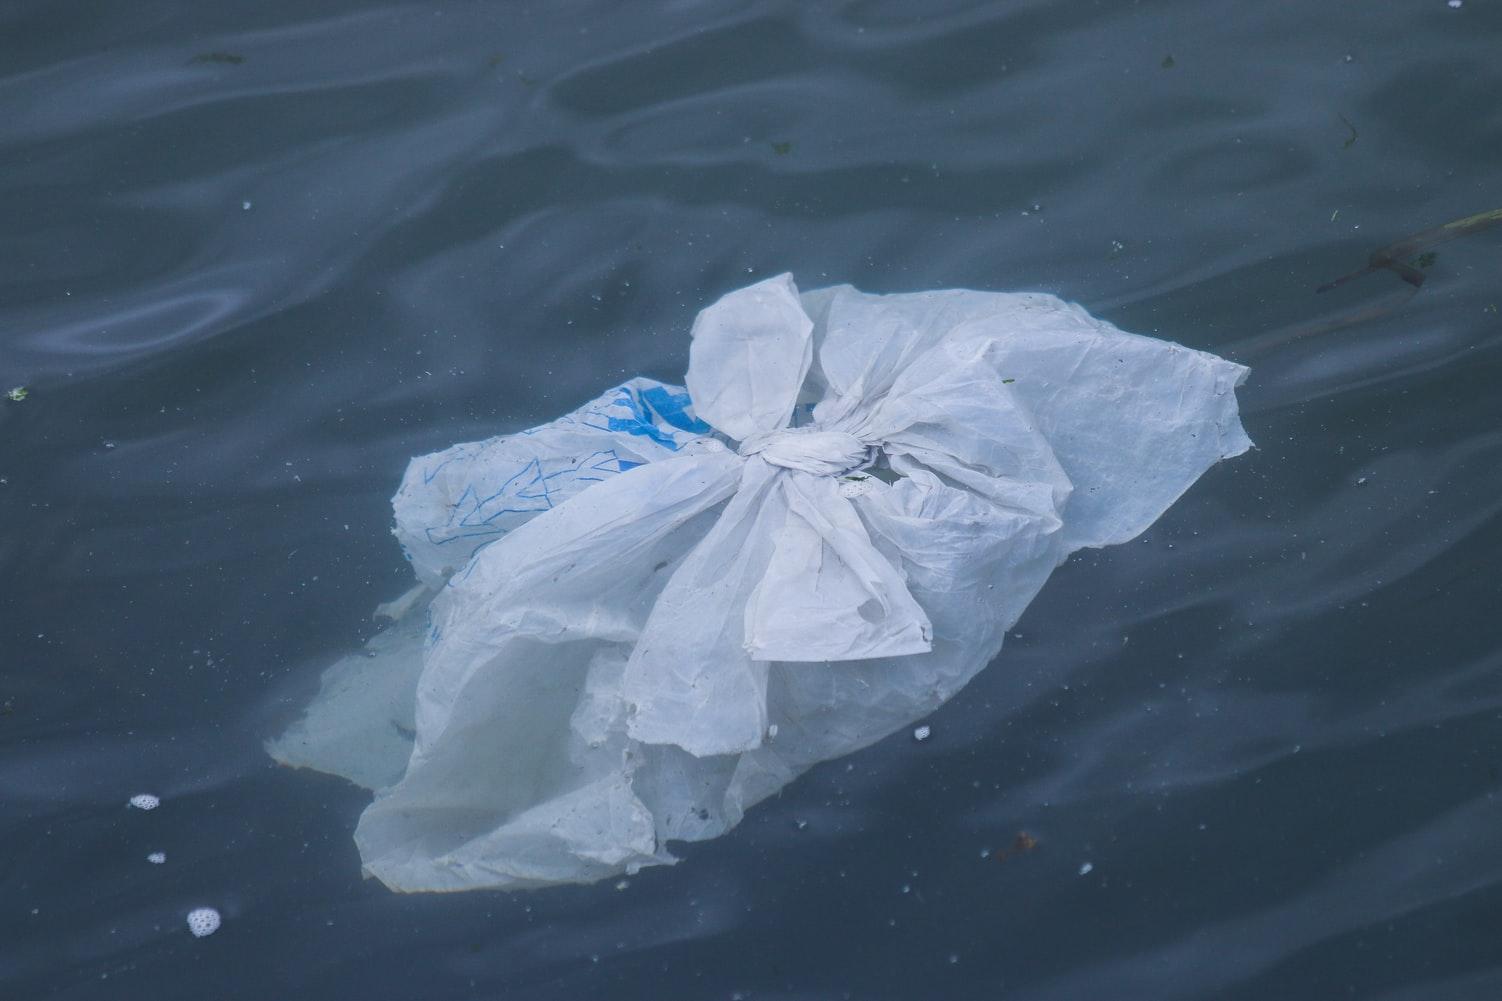 L'interdiction d'utiliser certains sacs de plastique sur le territoire de la Ville de Rimouski est reportée au 1er mars 2021.